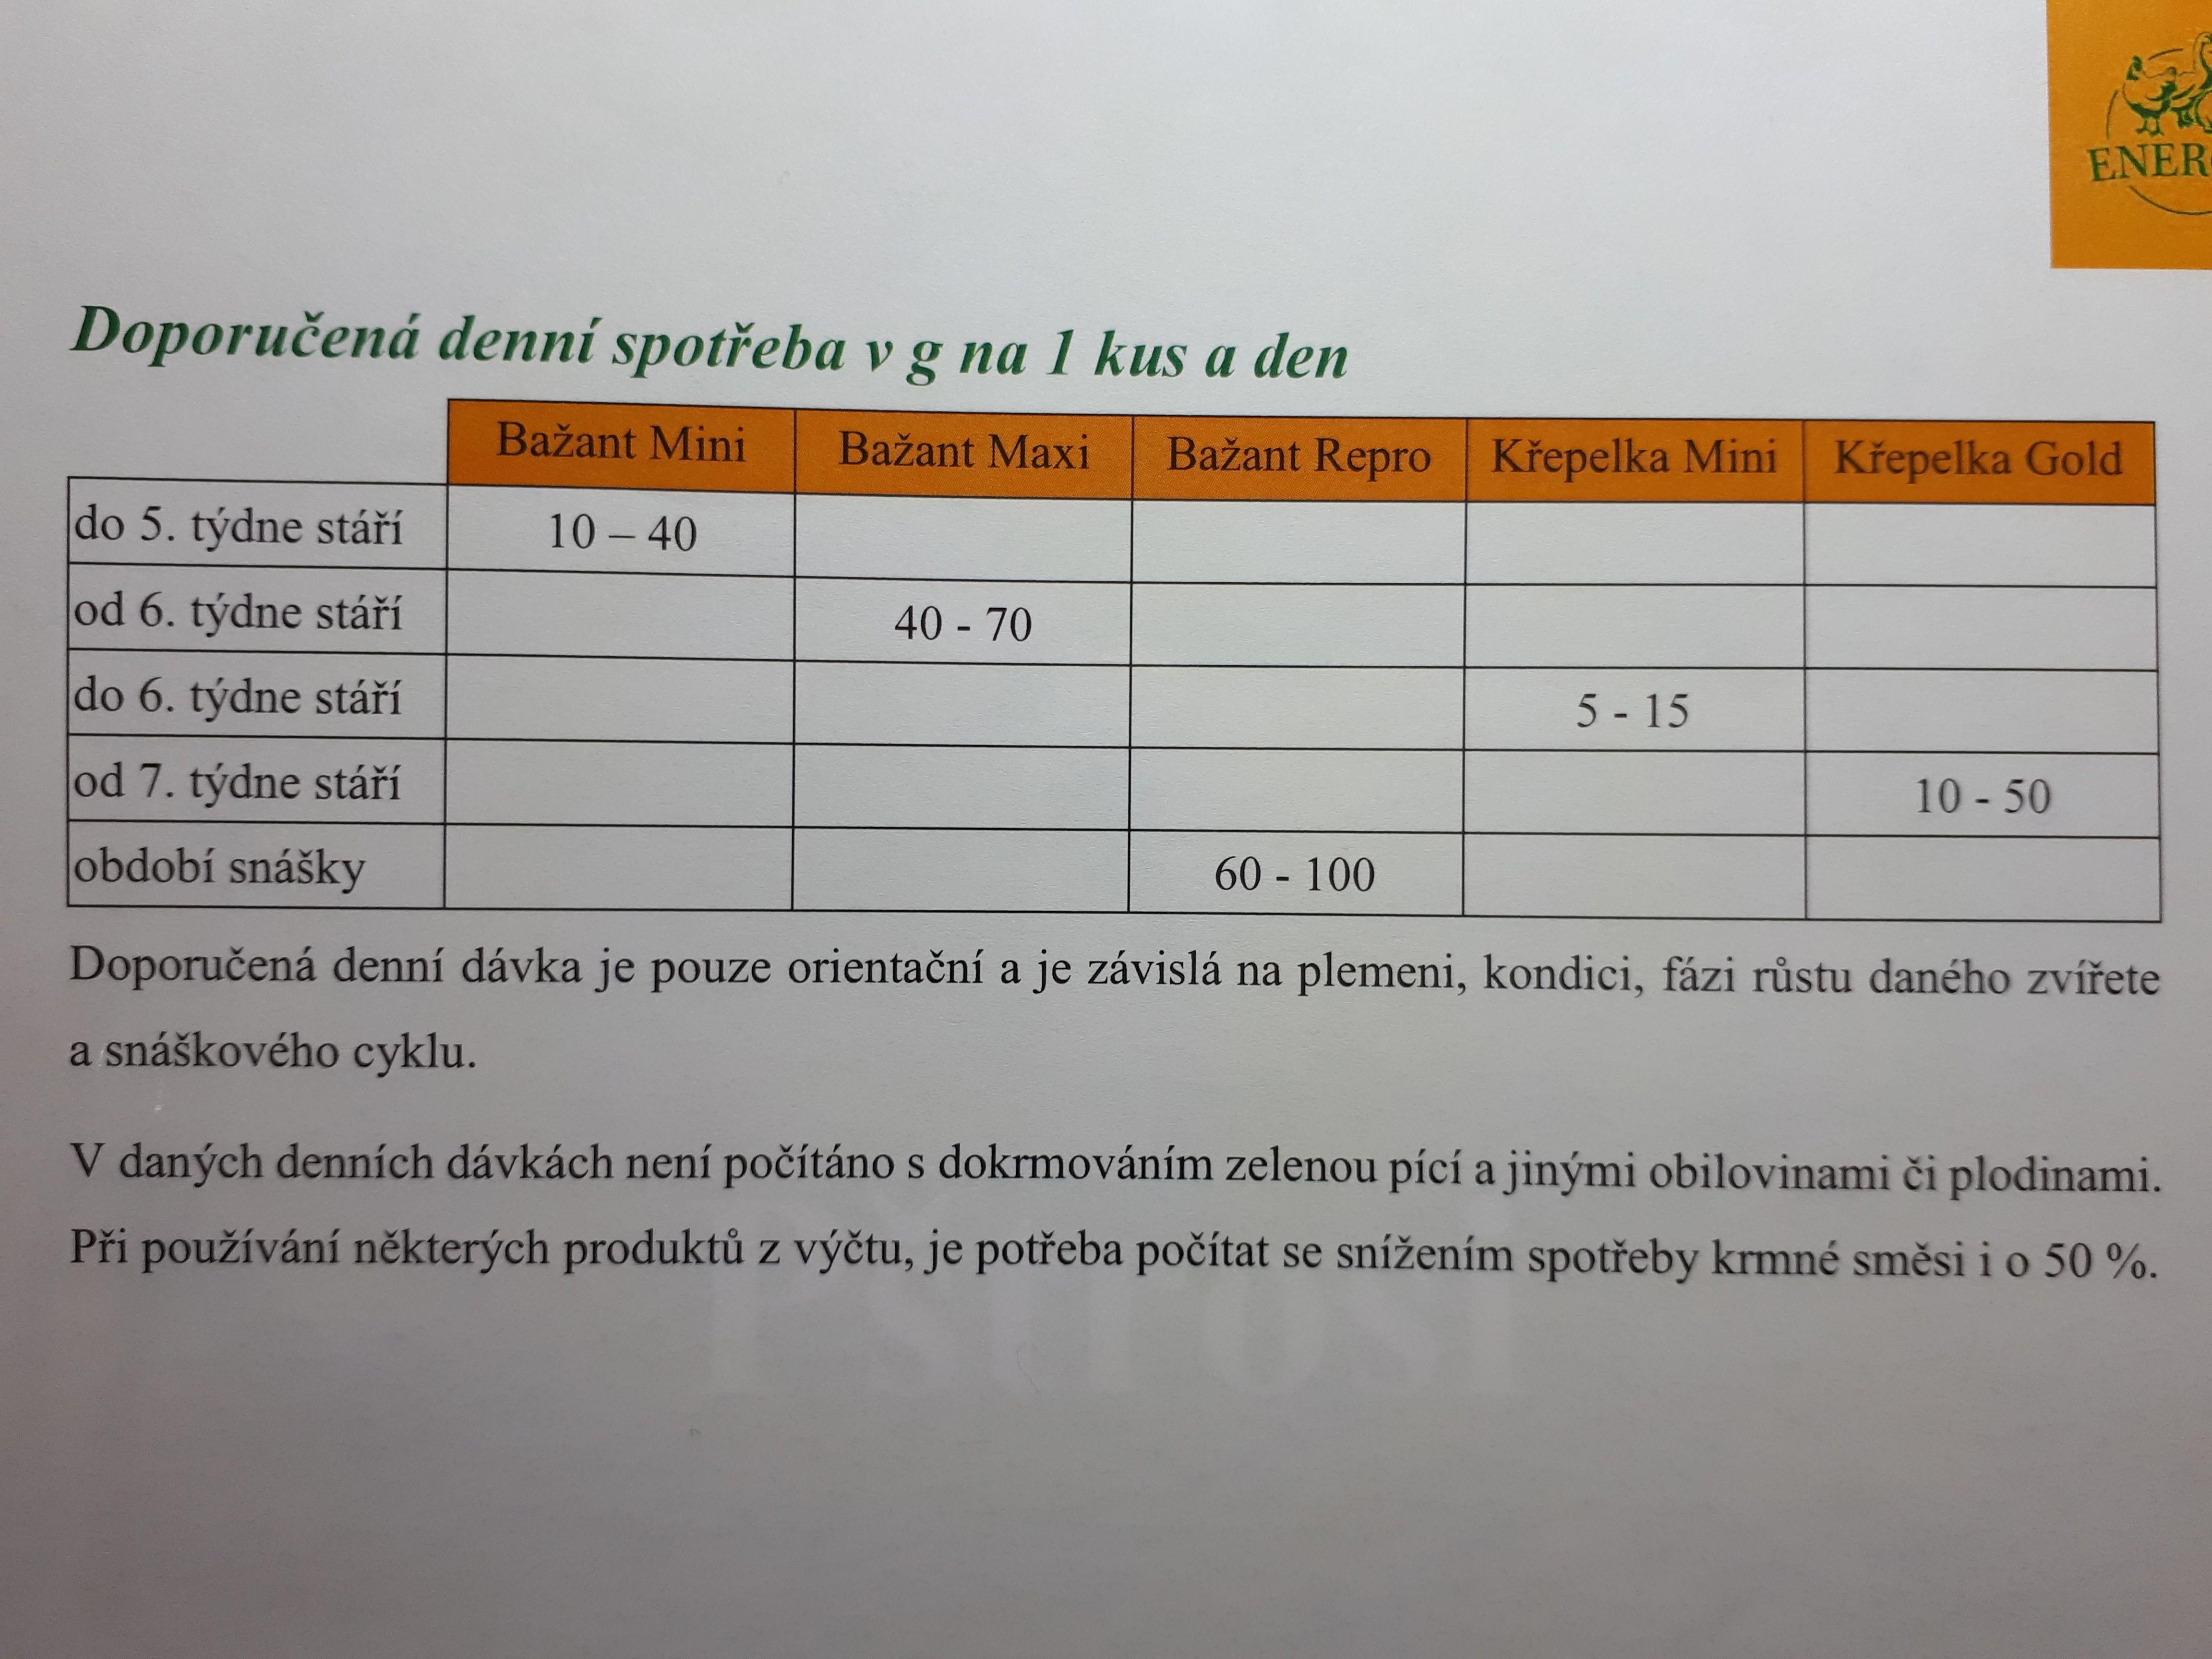 ENERGYS BAŽANT Repro 25kg